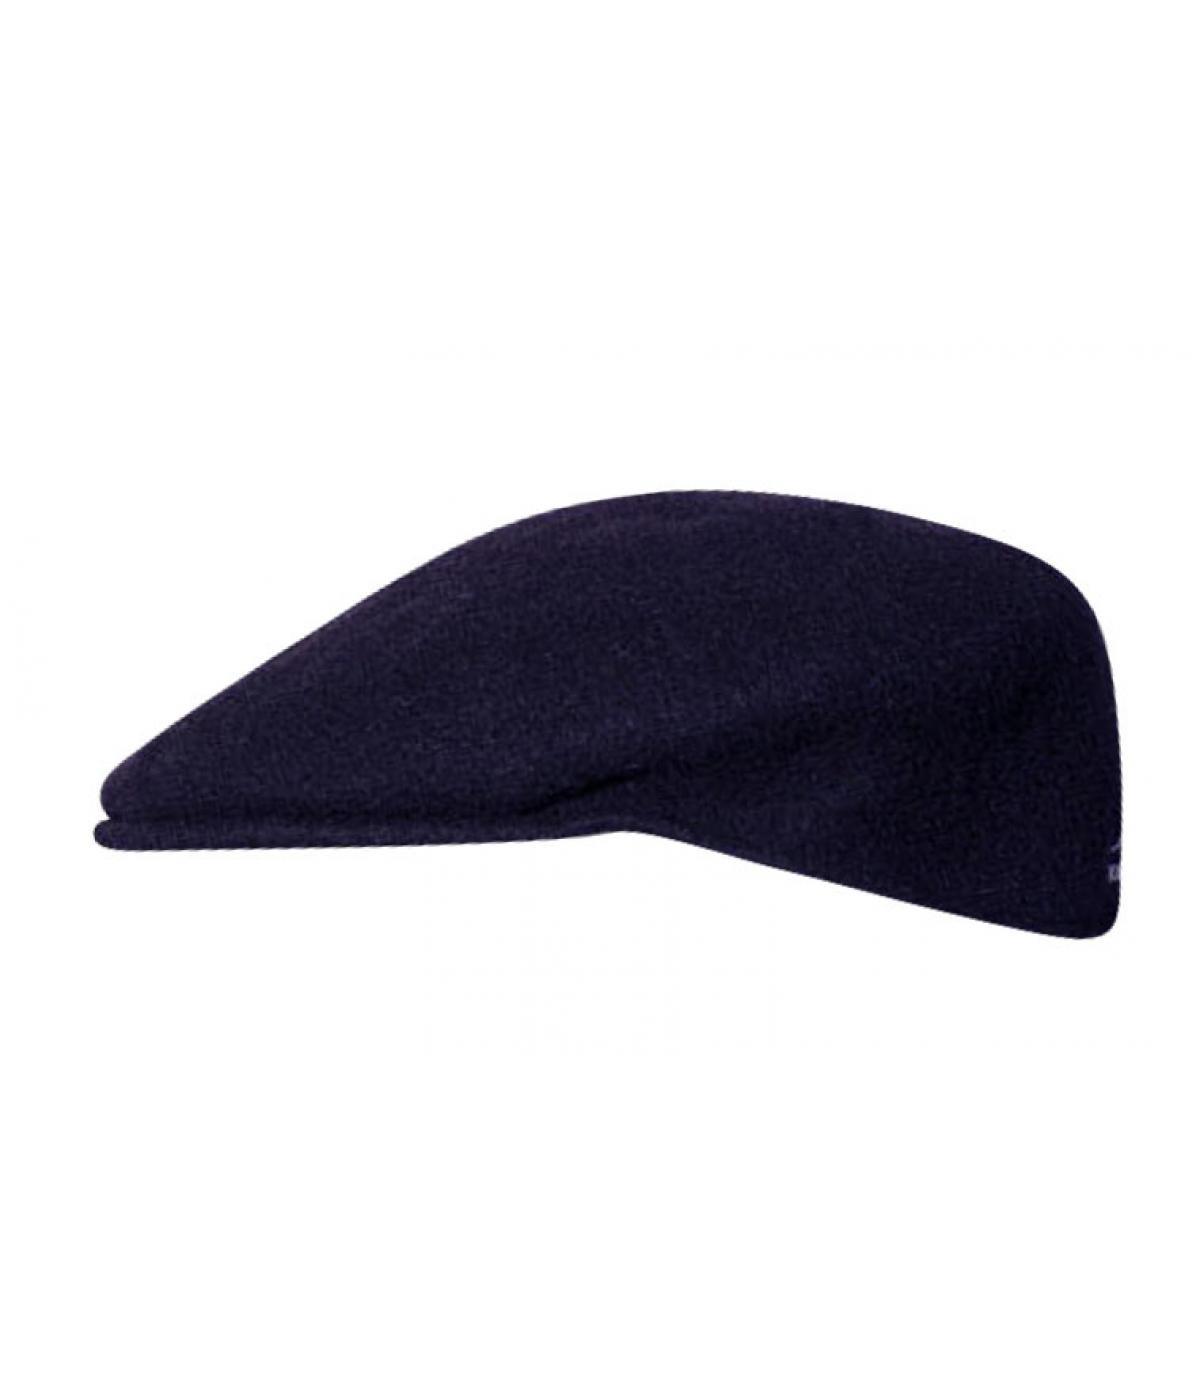 Detalles 504 wool navy imagen 2